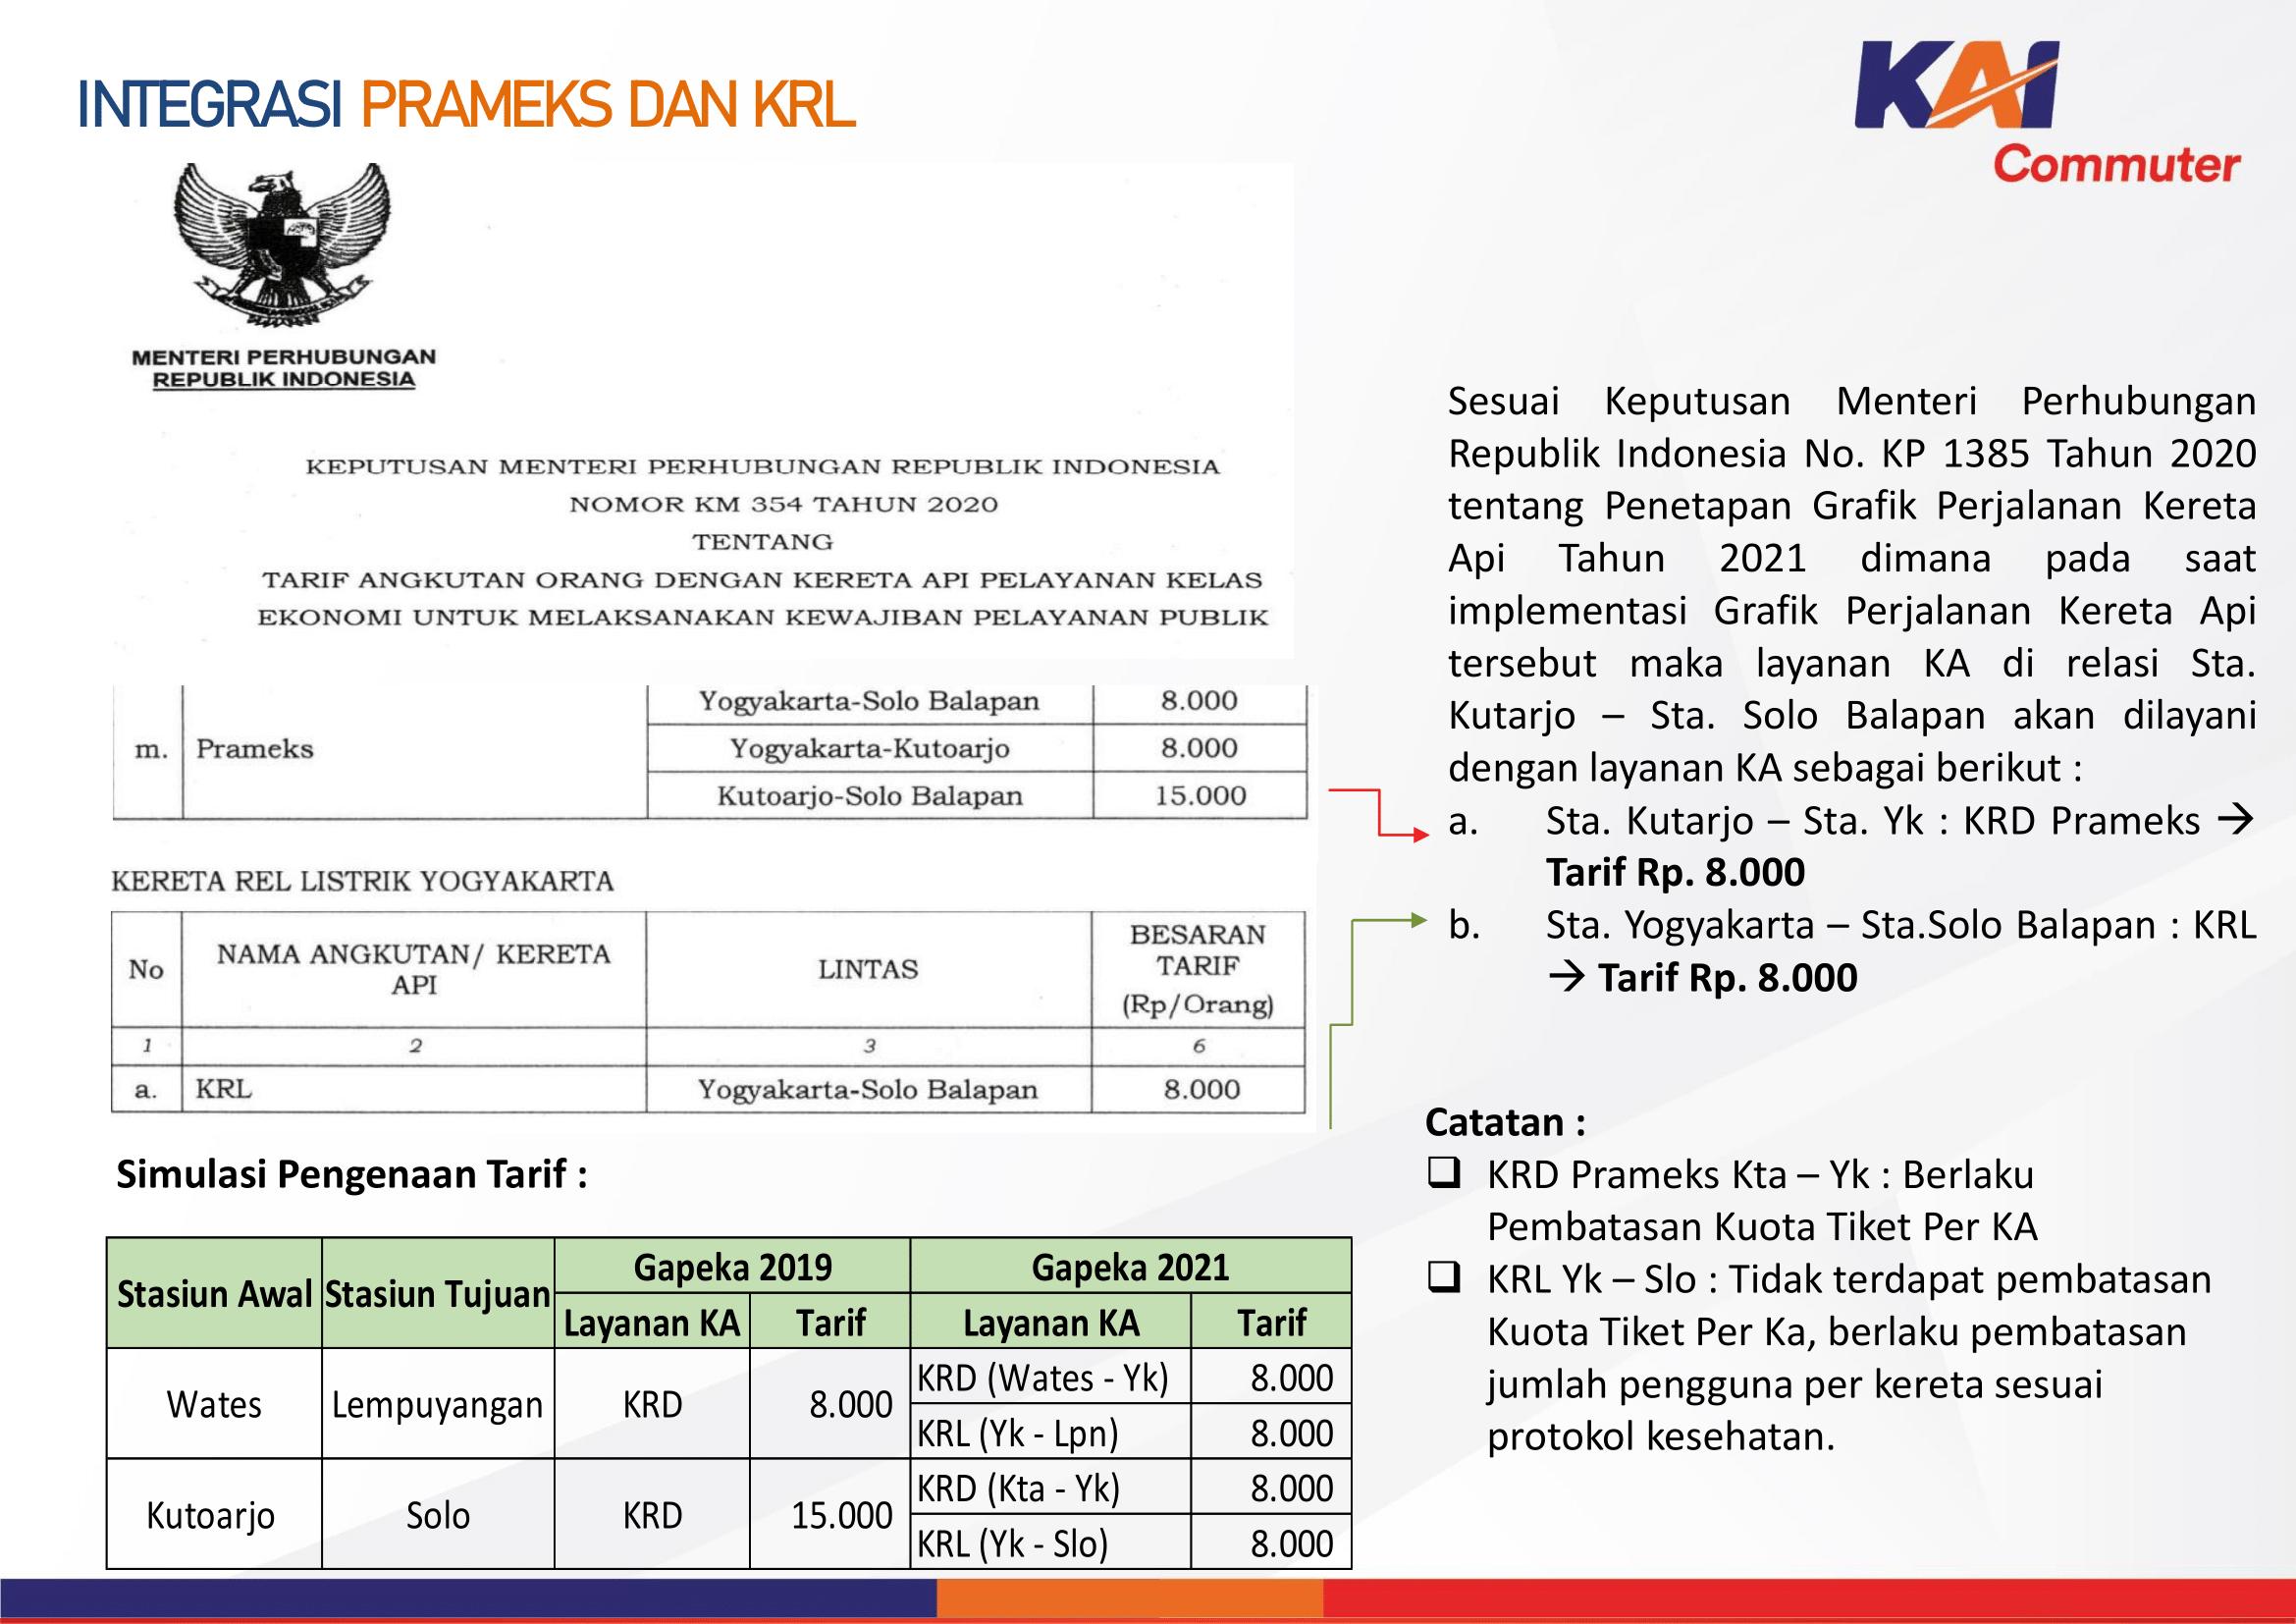 Paparan materi integrasi tarif